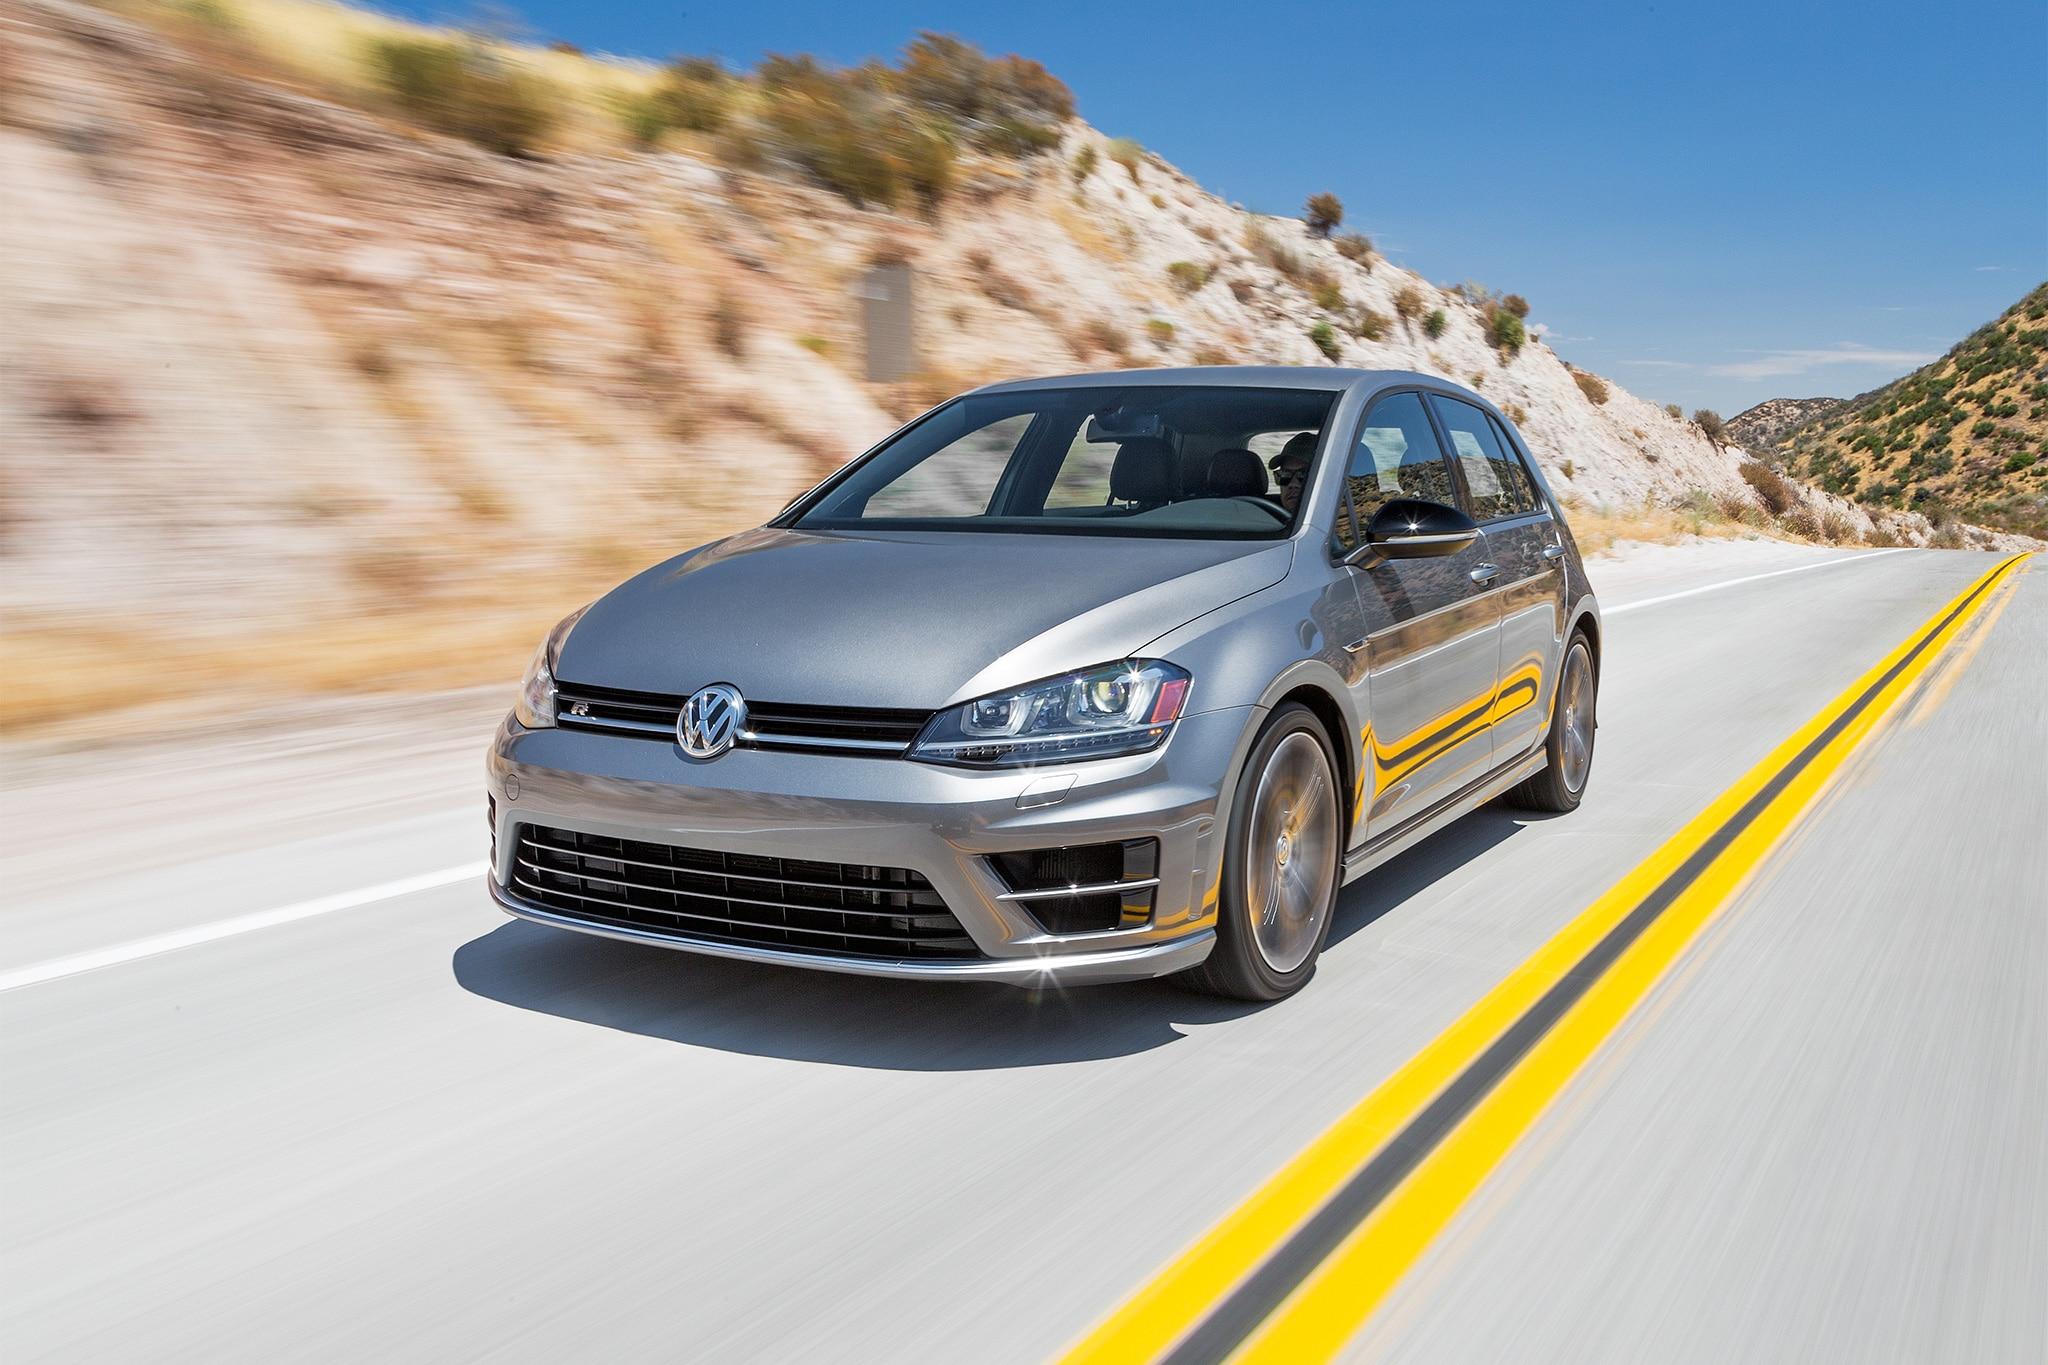 2016 Volkswagen Golf R Front Three Quarter In Motion 09